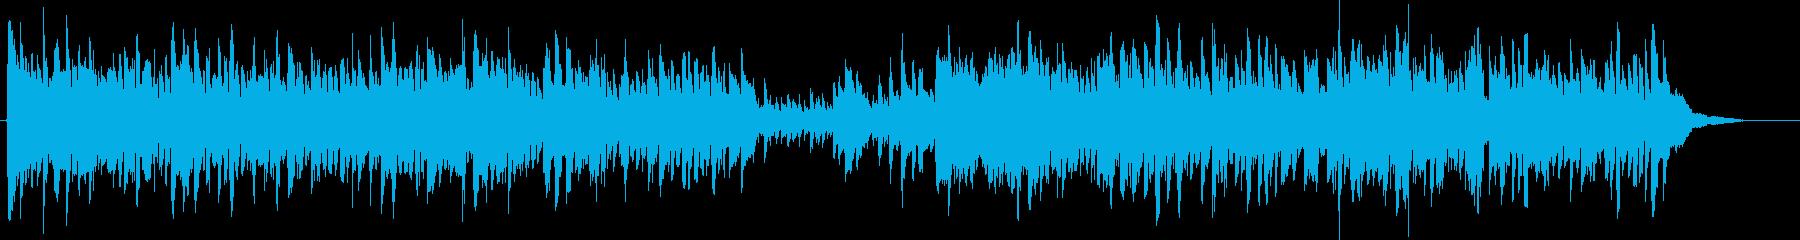 民謡 アルプス一万尺 アコギ カントリーの再生済みの波形